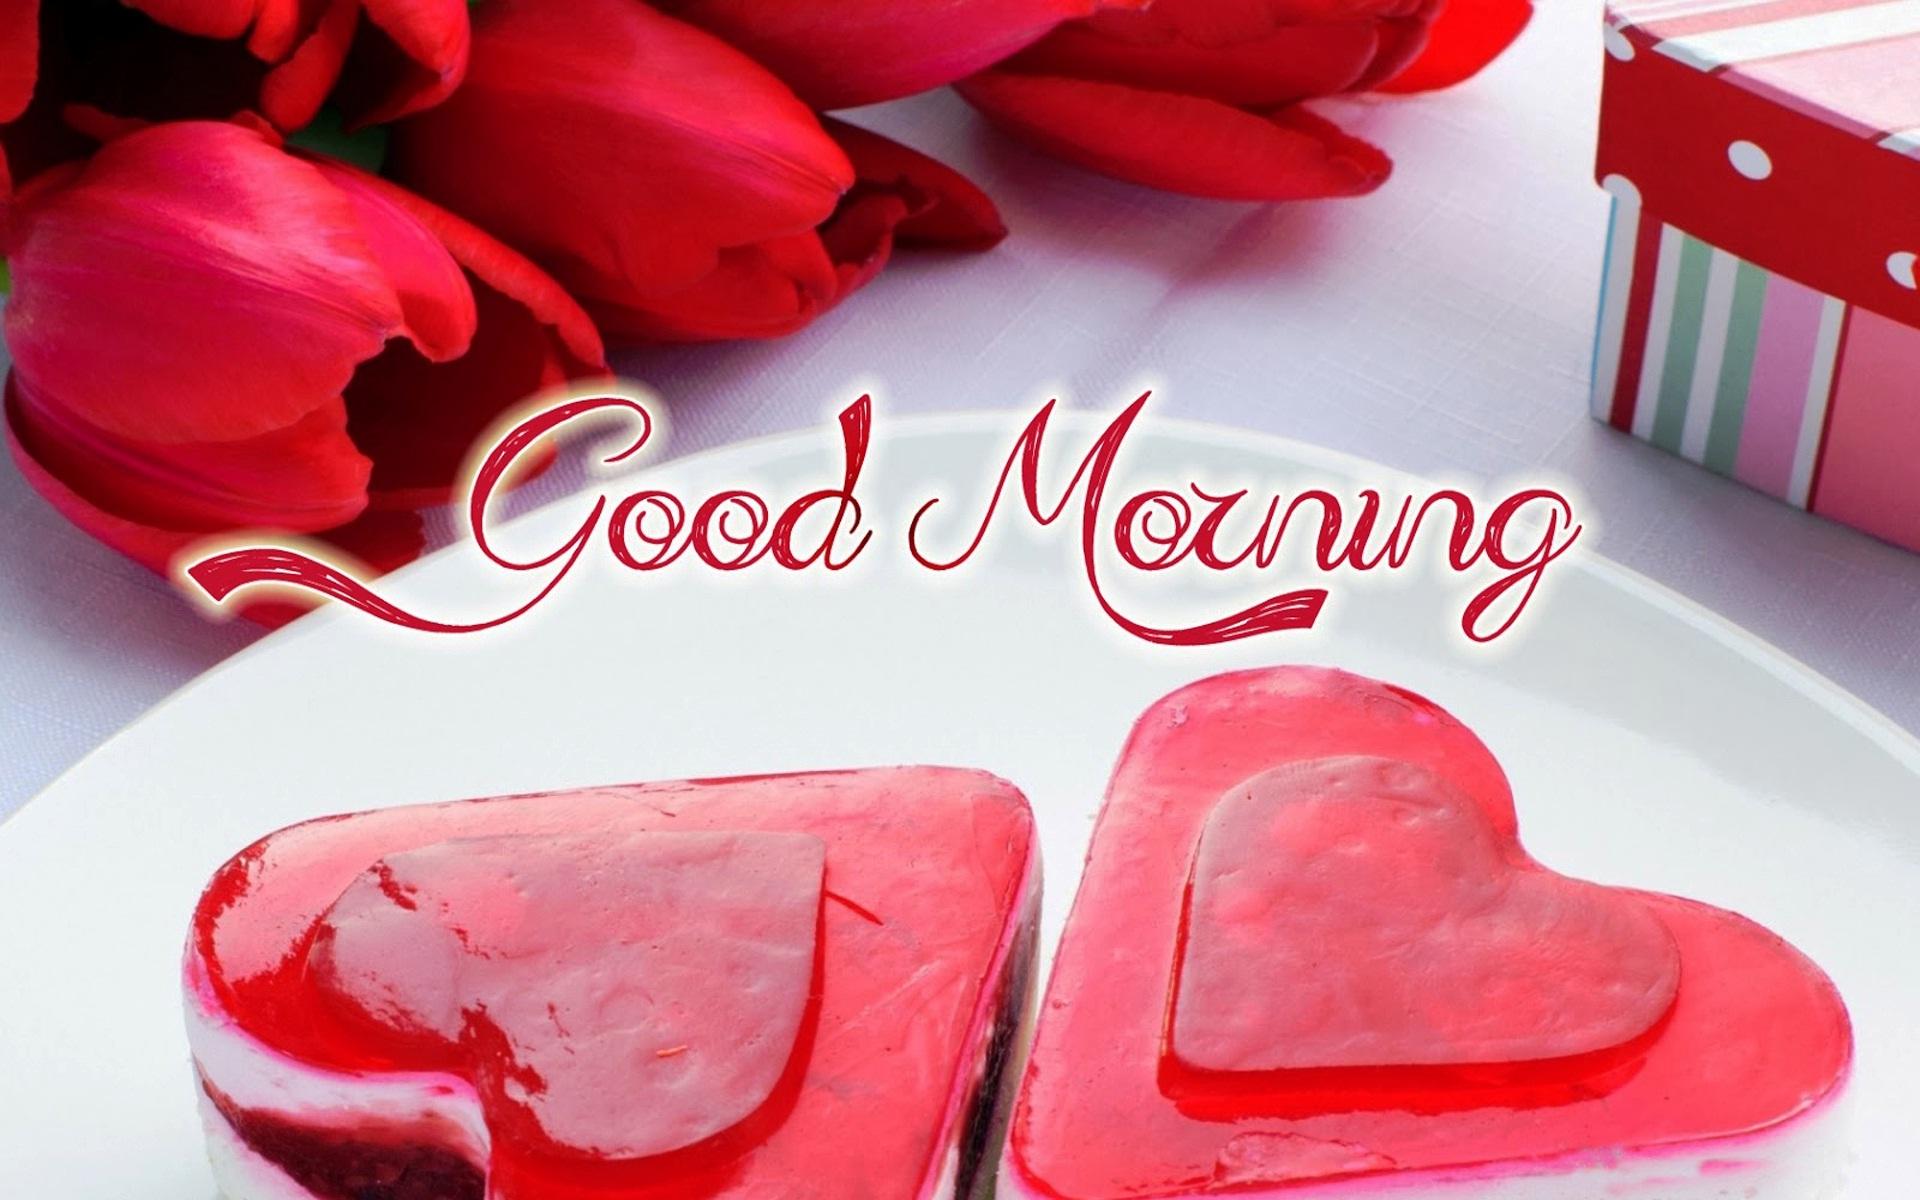 بالصور مسجات صباحية للحبيب , الصباح وكلمات دفئ للحبيب 1618 4